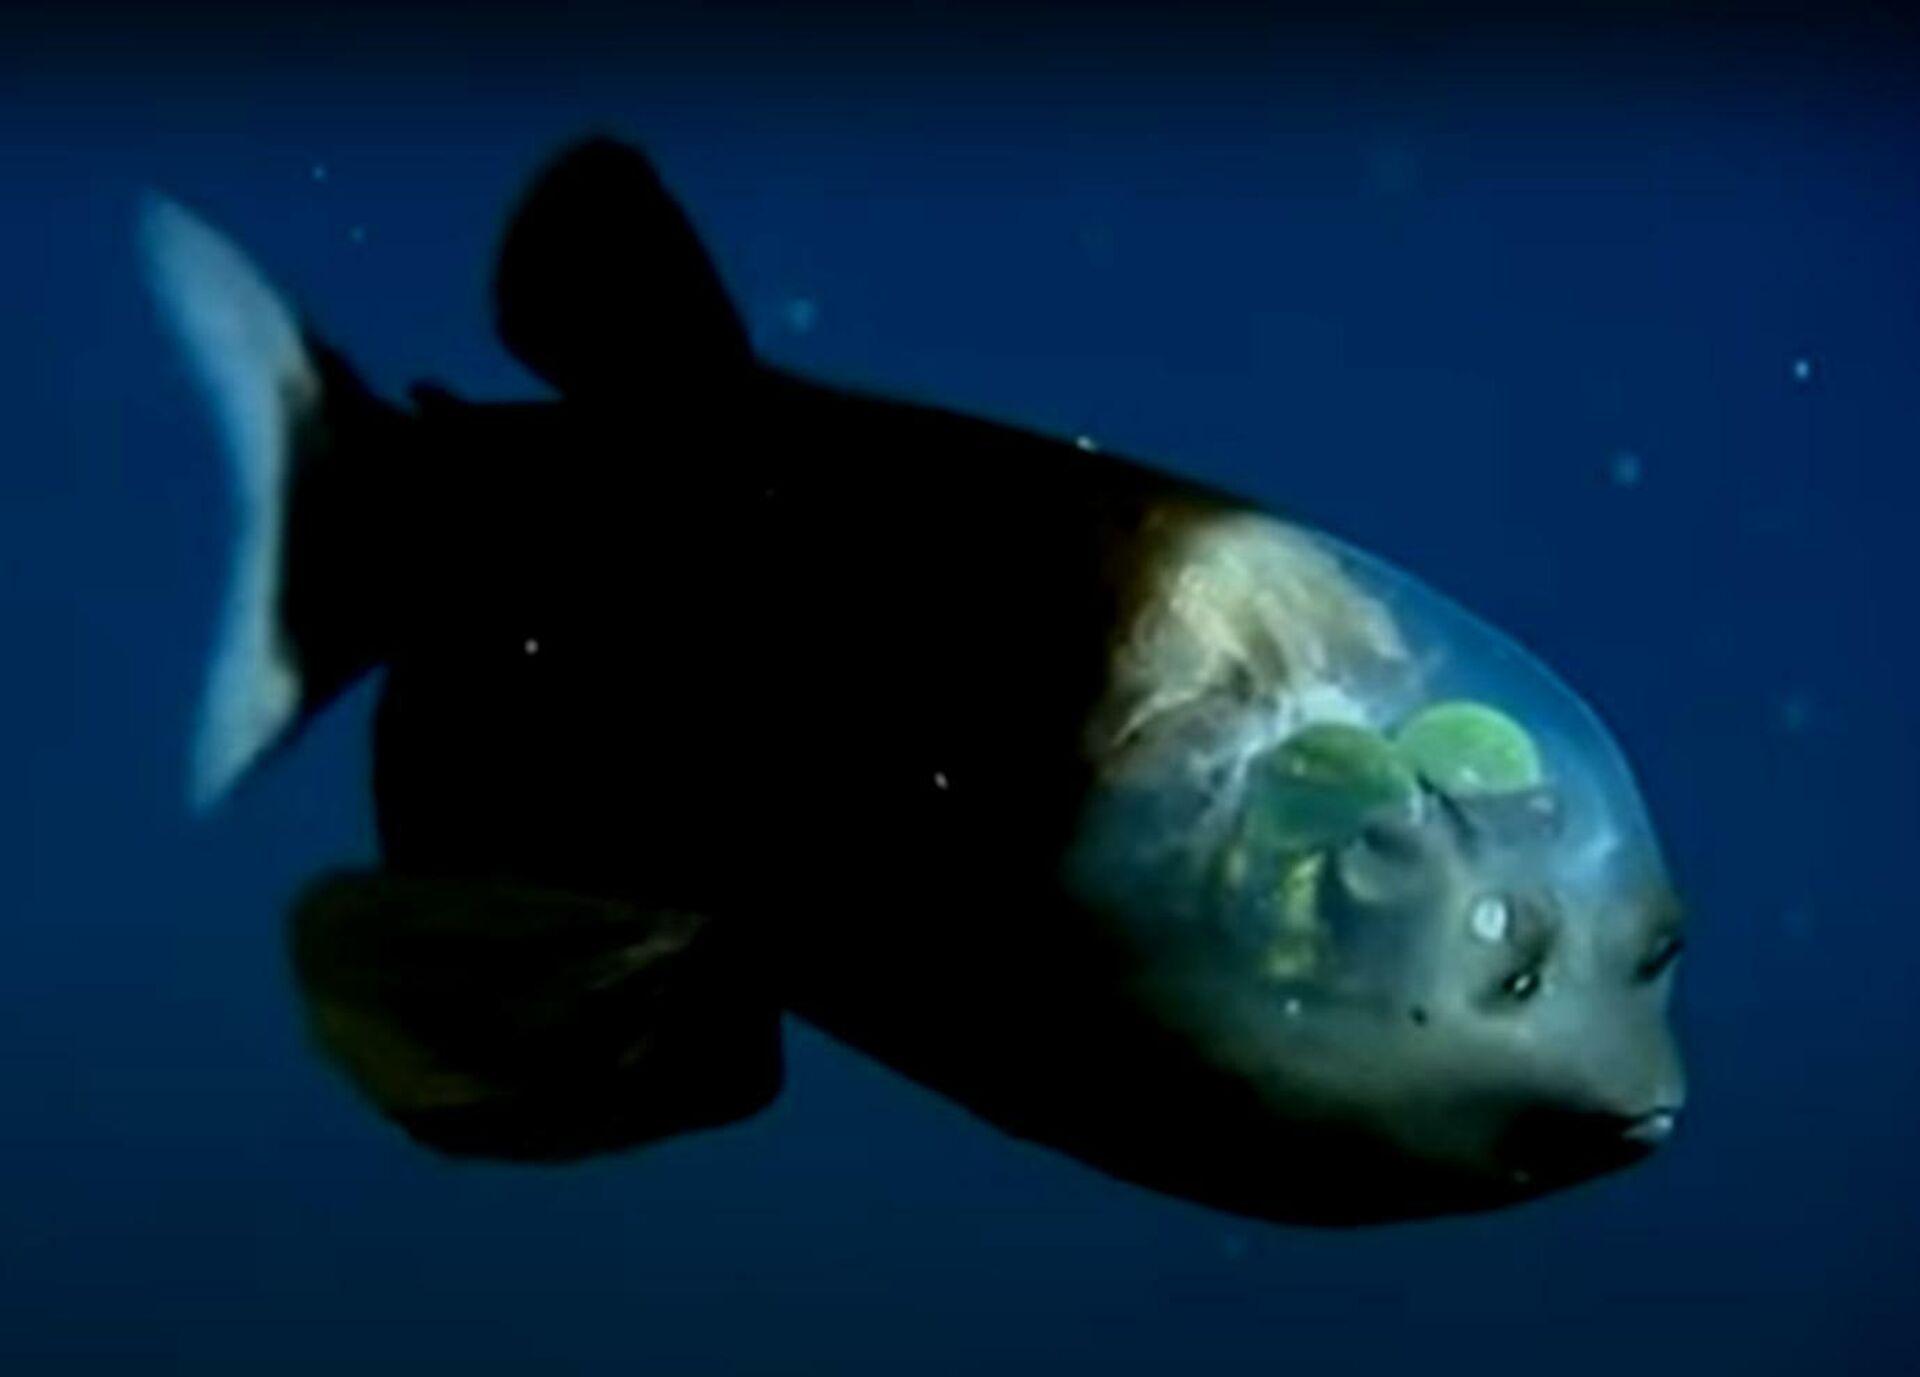 Ein Glaskopffisch - SNA, 1920, 14.07.2021